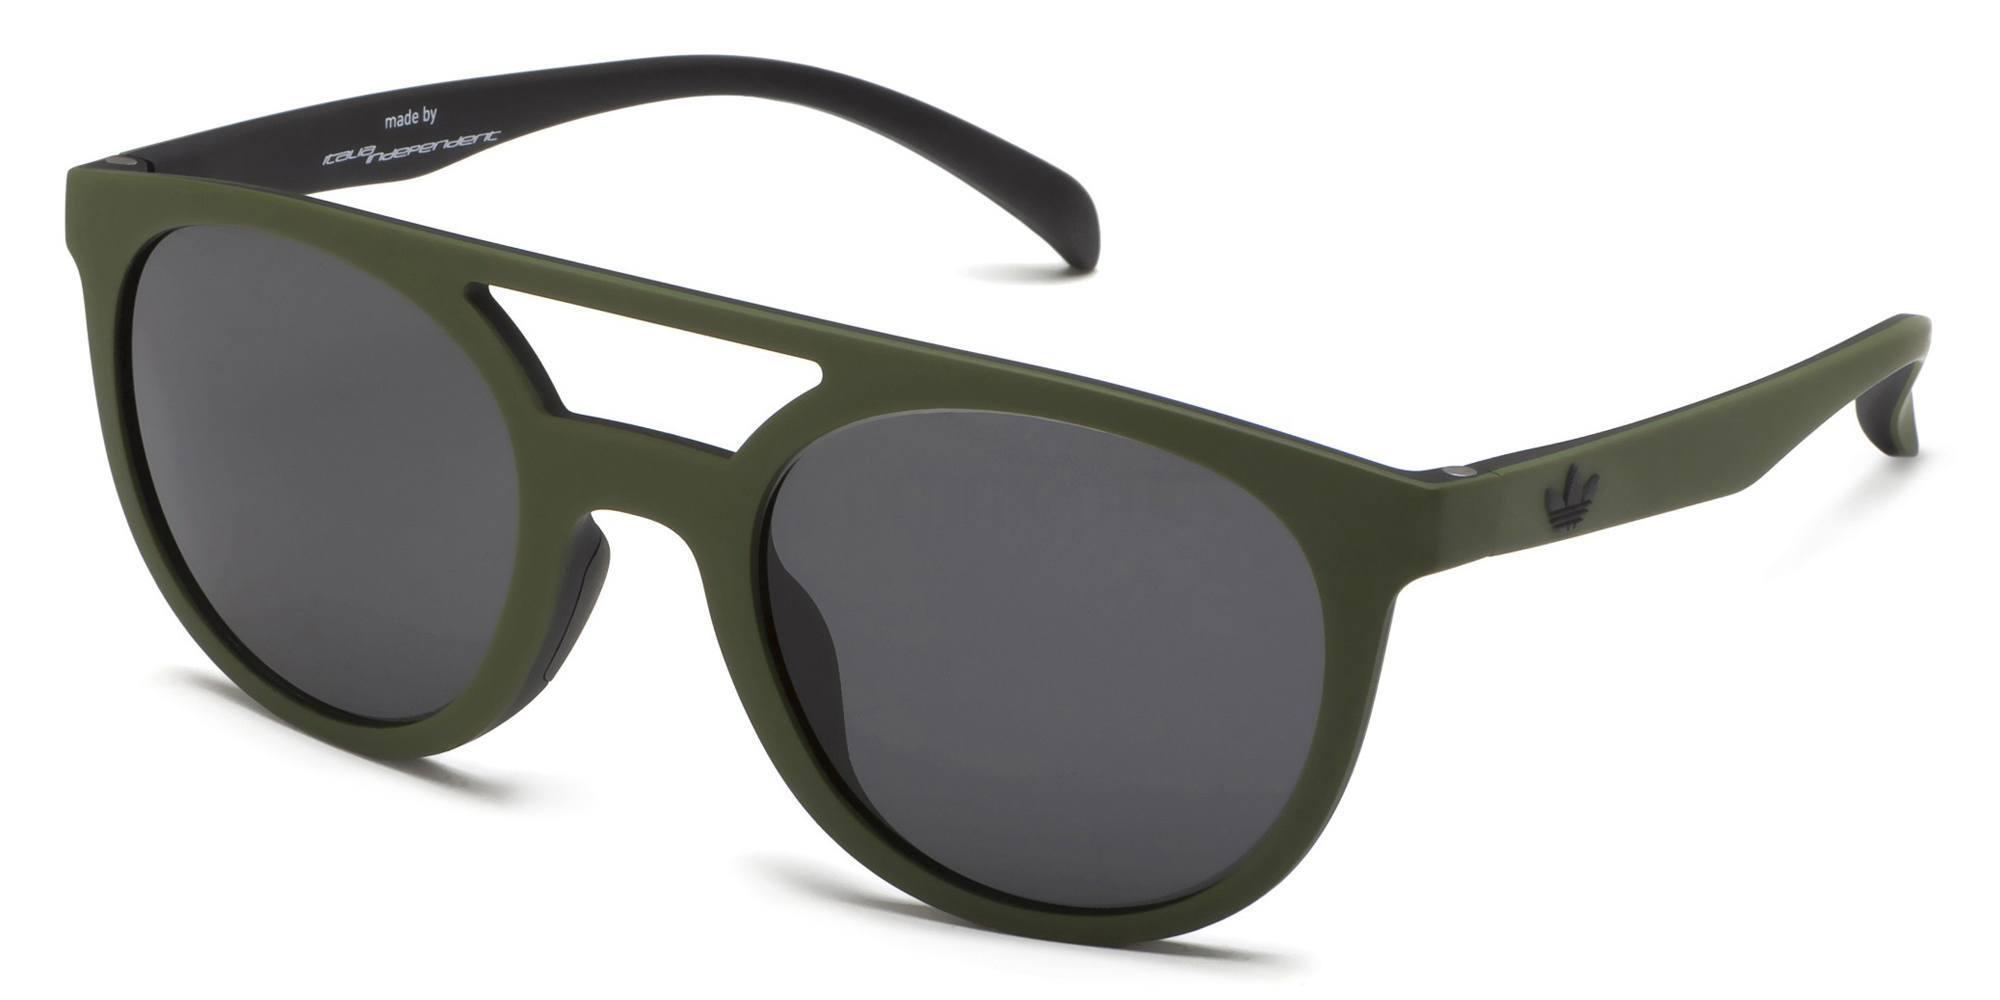 030.009 AOR003 Sunglasses, Adidas Originals